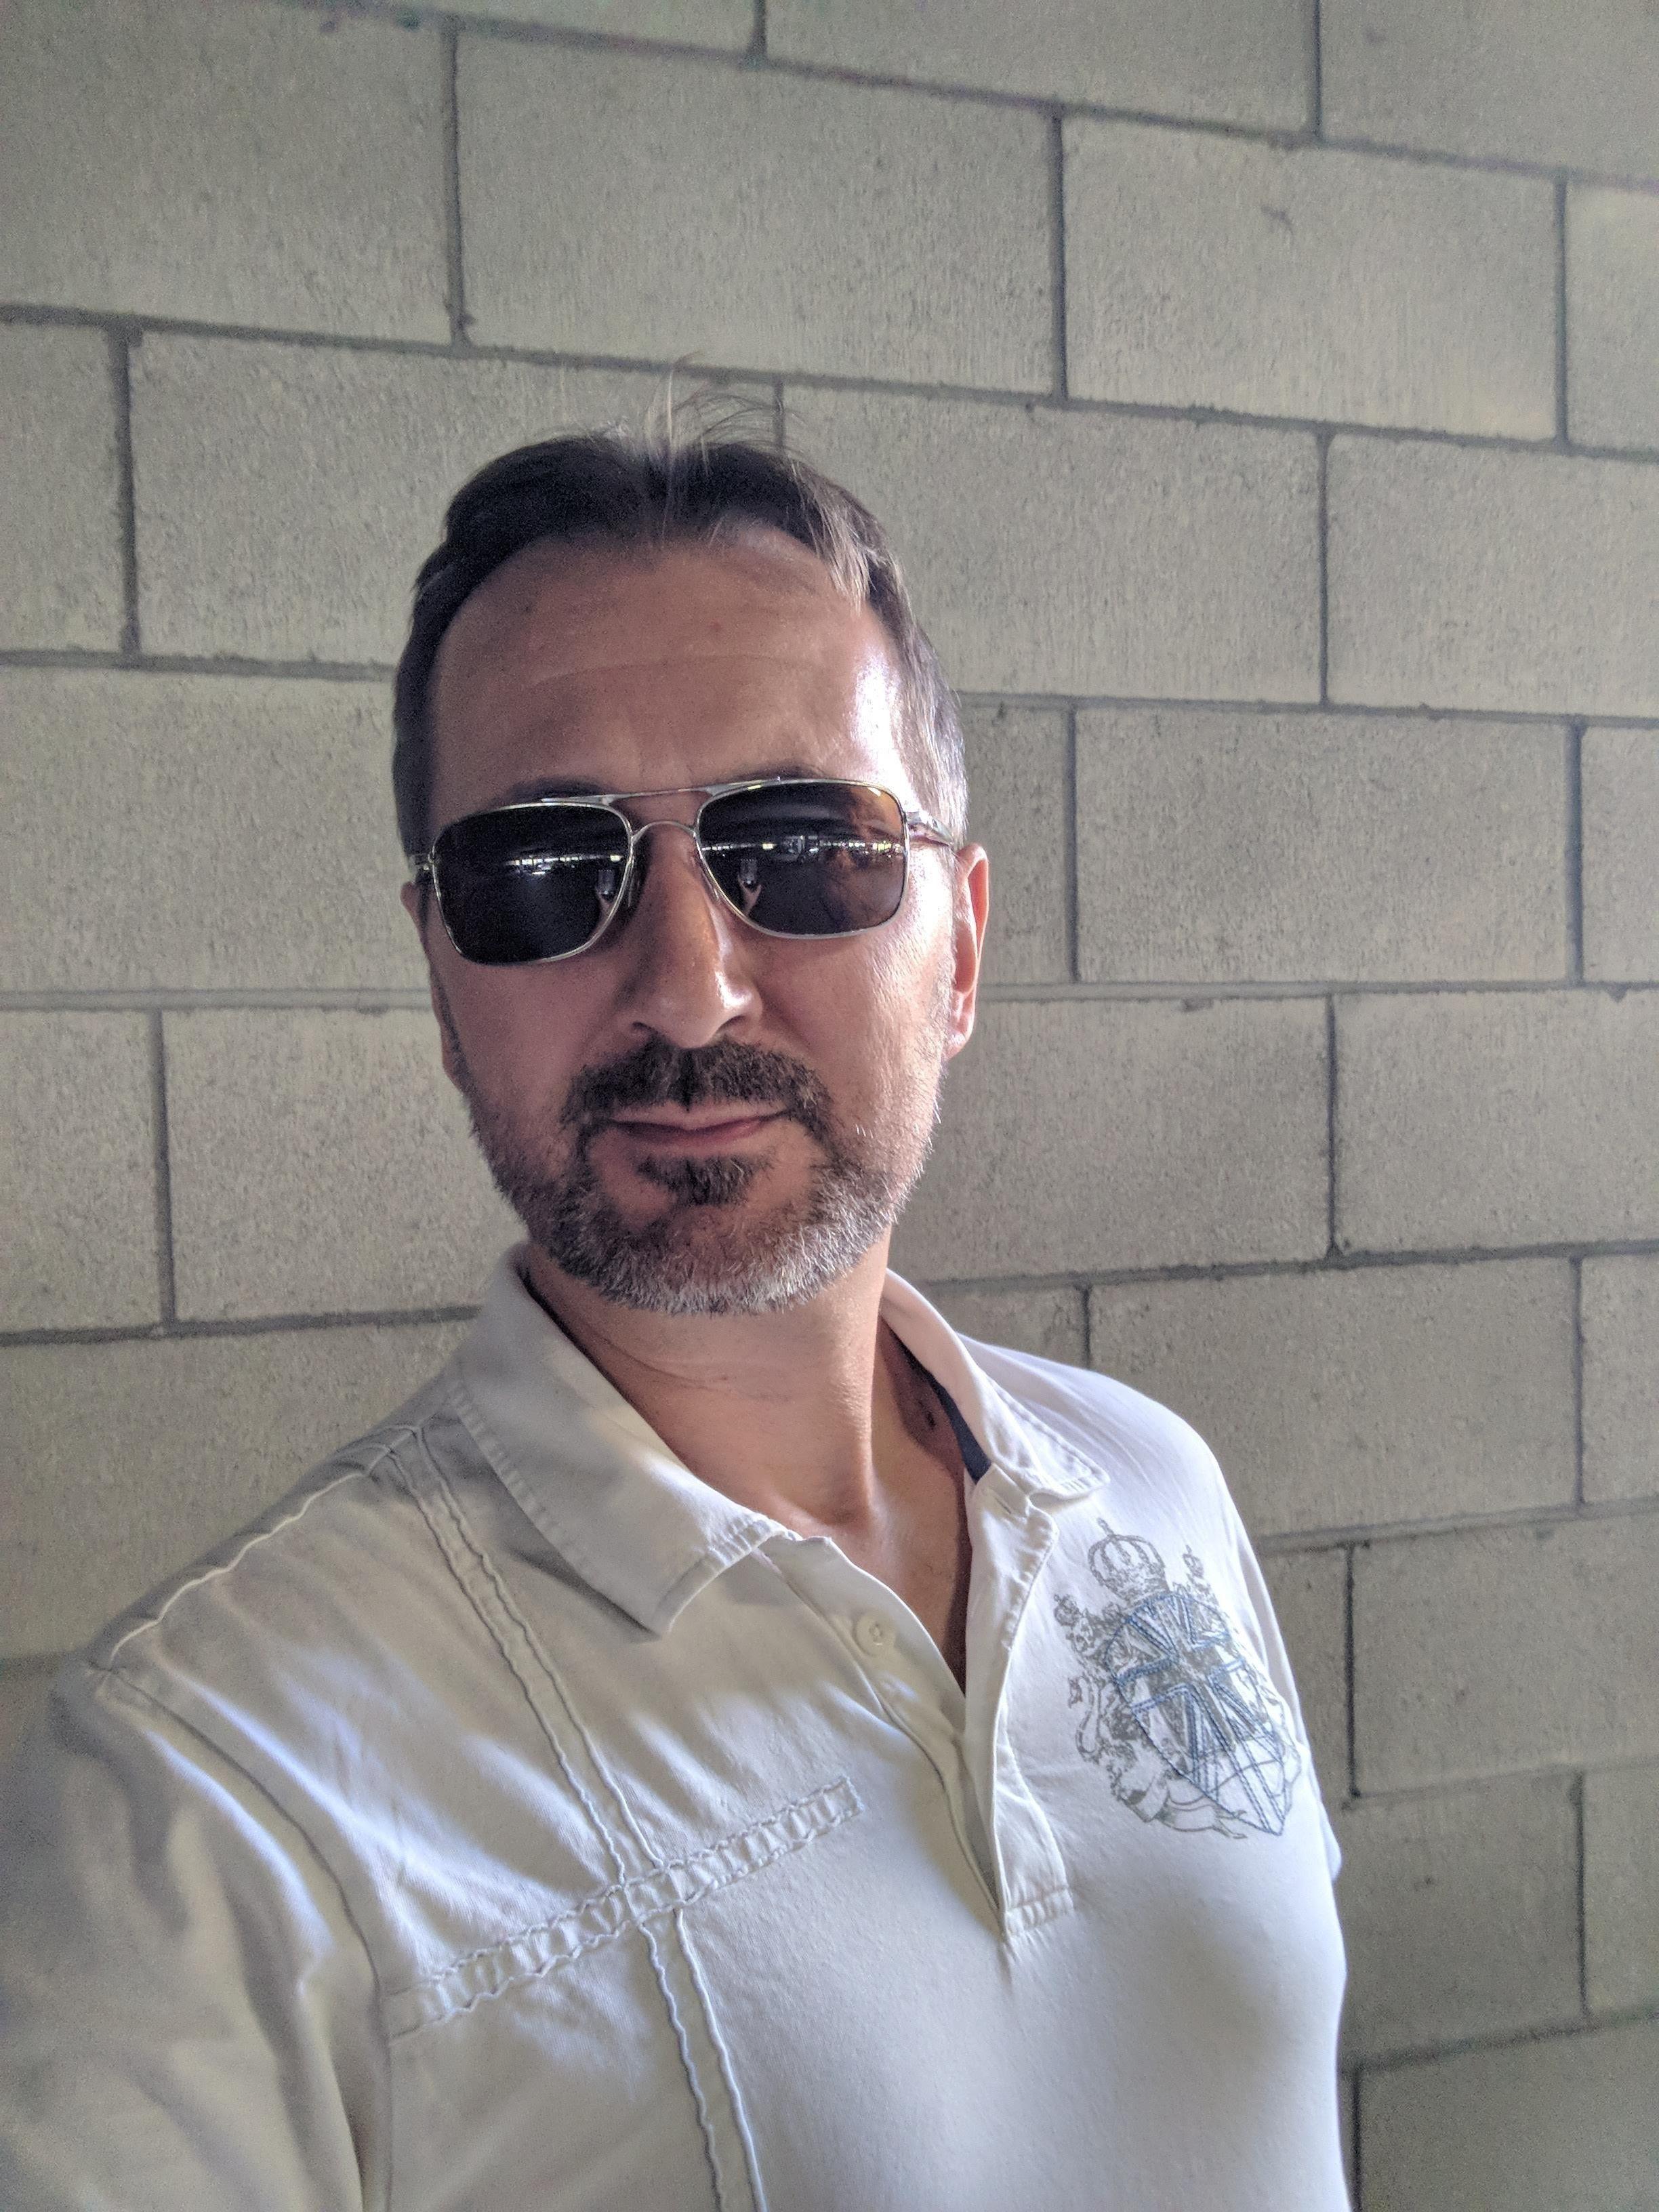 randki online w San Antonio TX randki chrześcijańskie Adelaide Australia